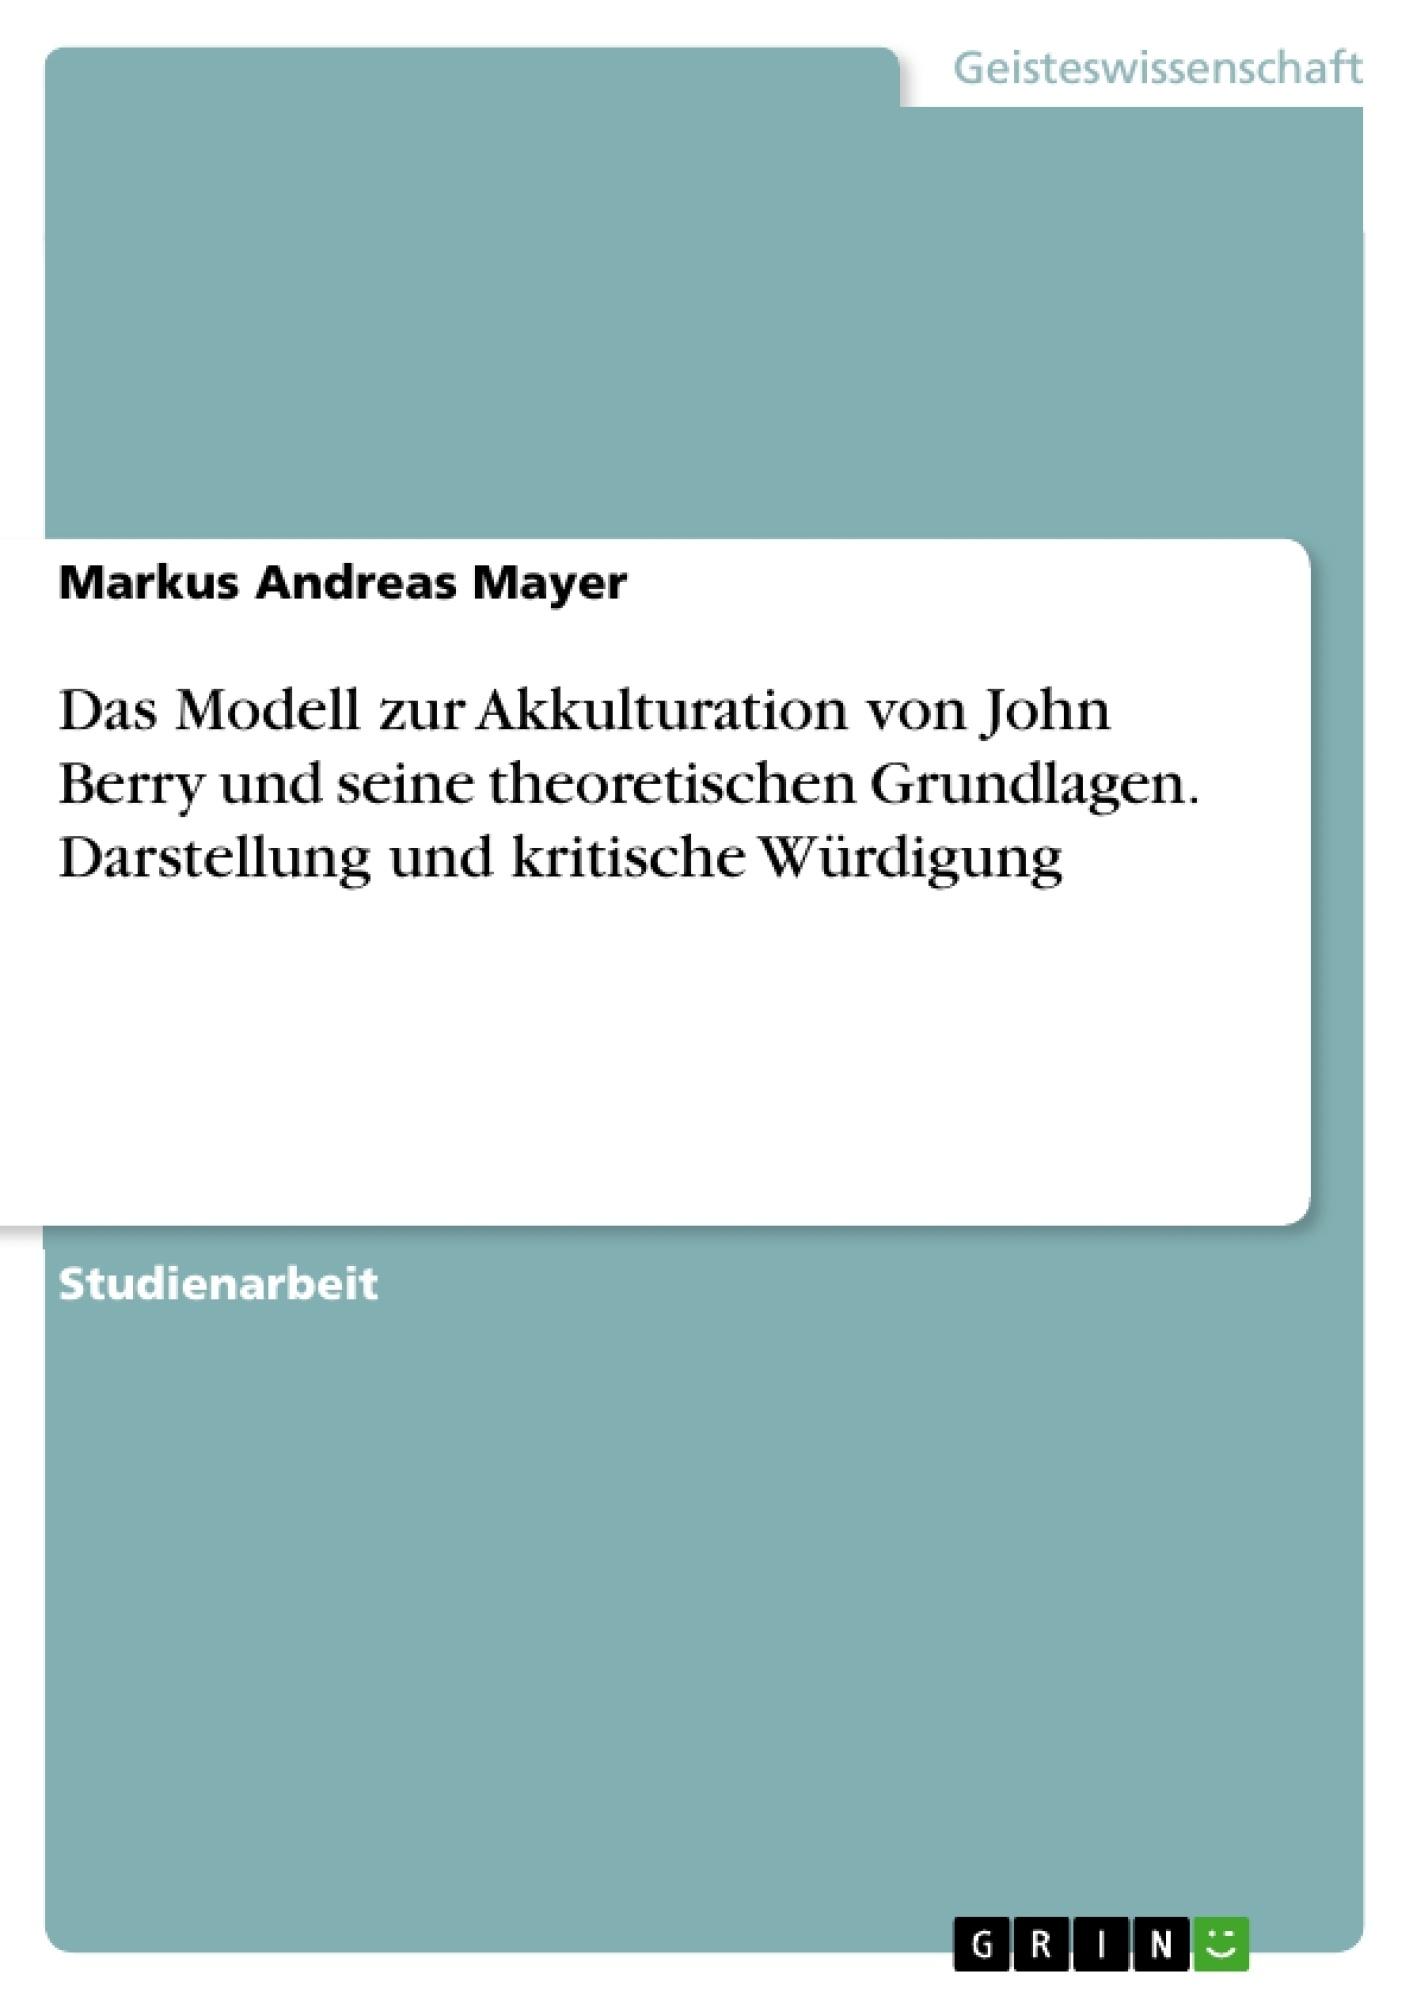 Titel: Das Modell zur Akkulturation von John Berry und seine theoretischen Grundlagen. Darstellung und kritische Würdigung